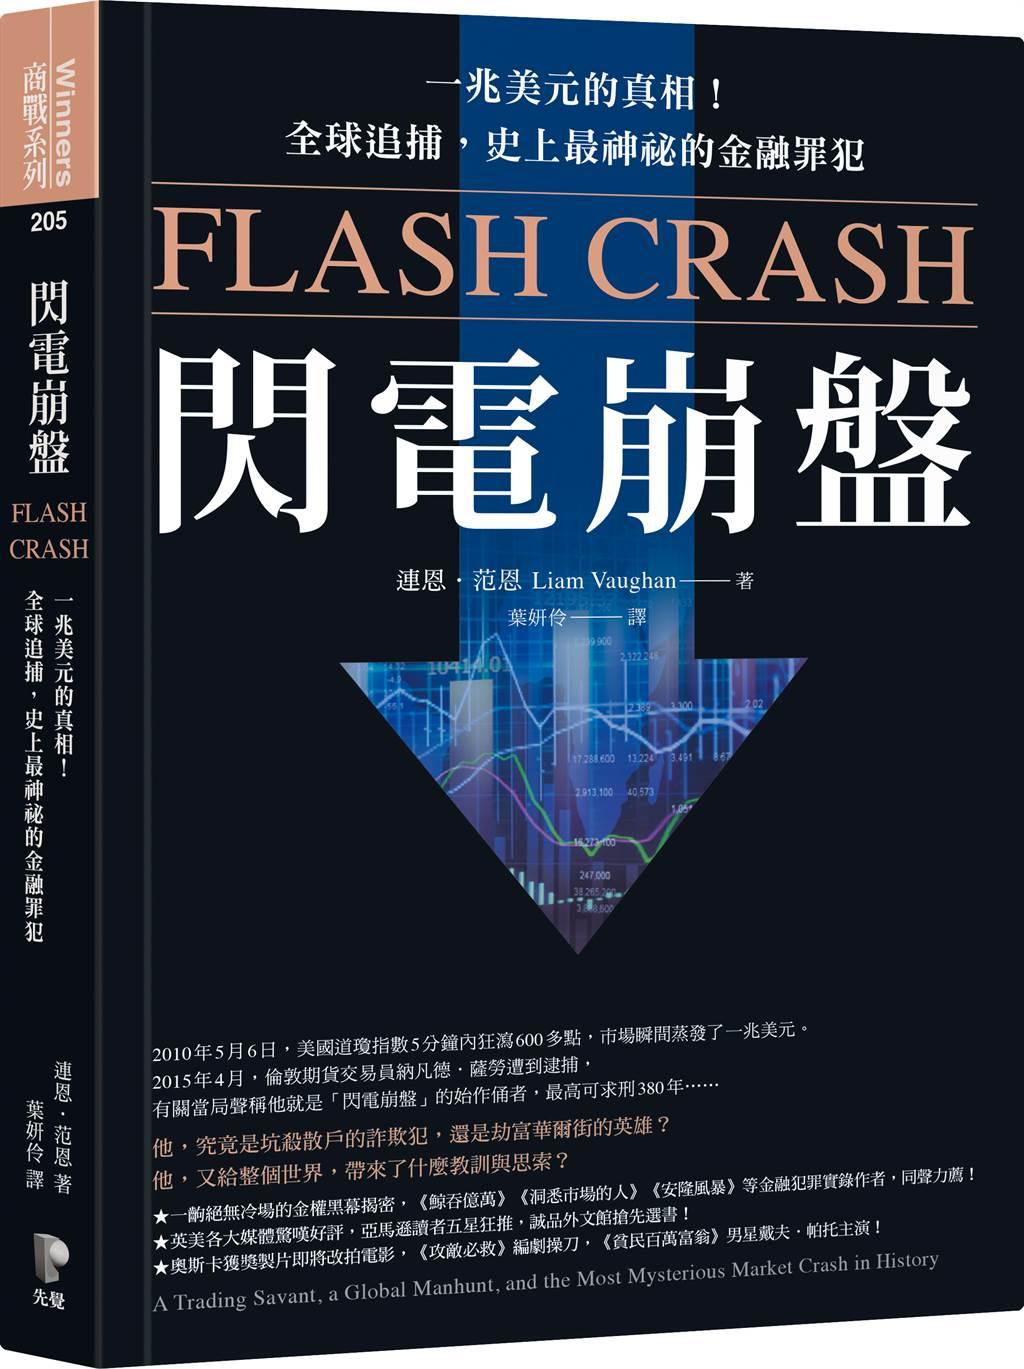 《閃電崩盤:一兆美元的真相!全球追捕,史上最神祕的金融罪犯》/先覺出版